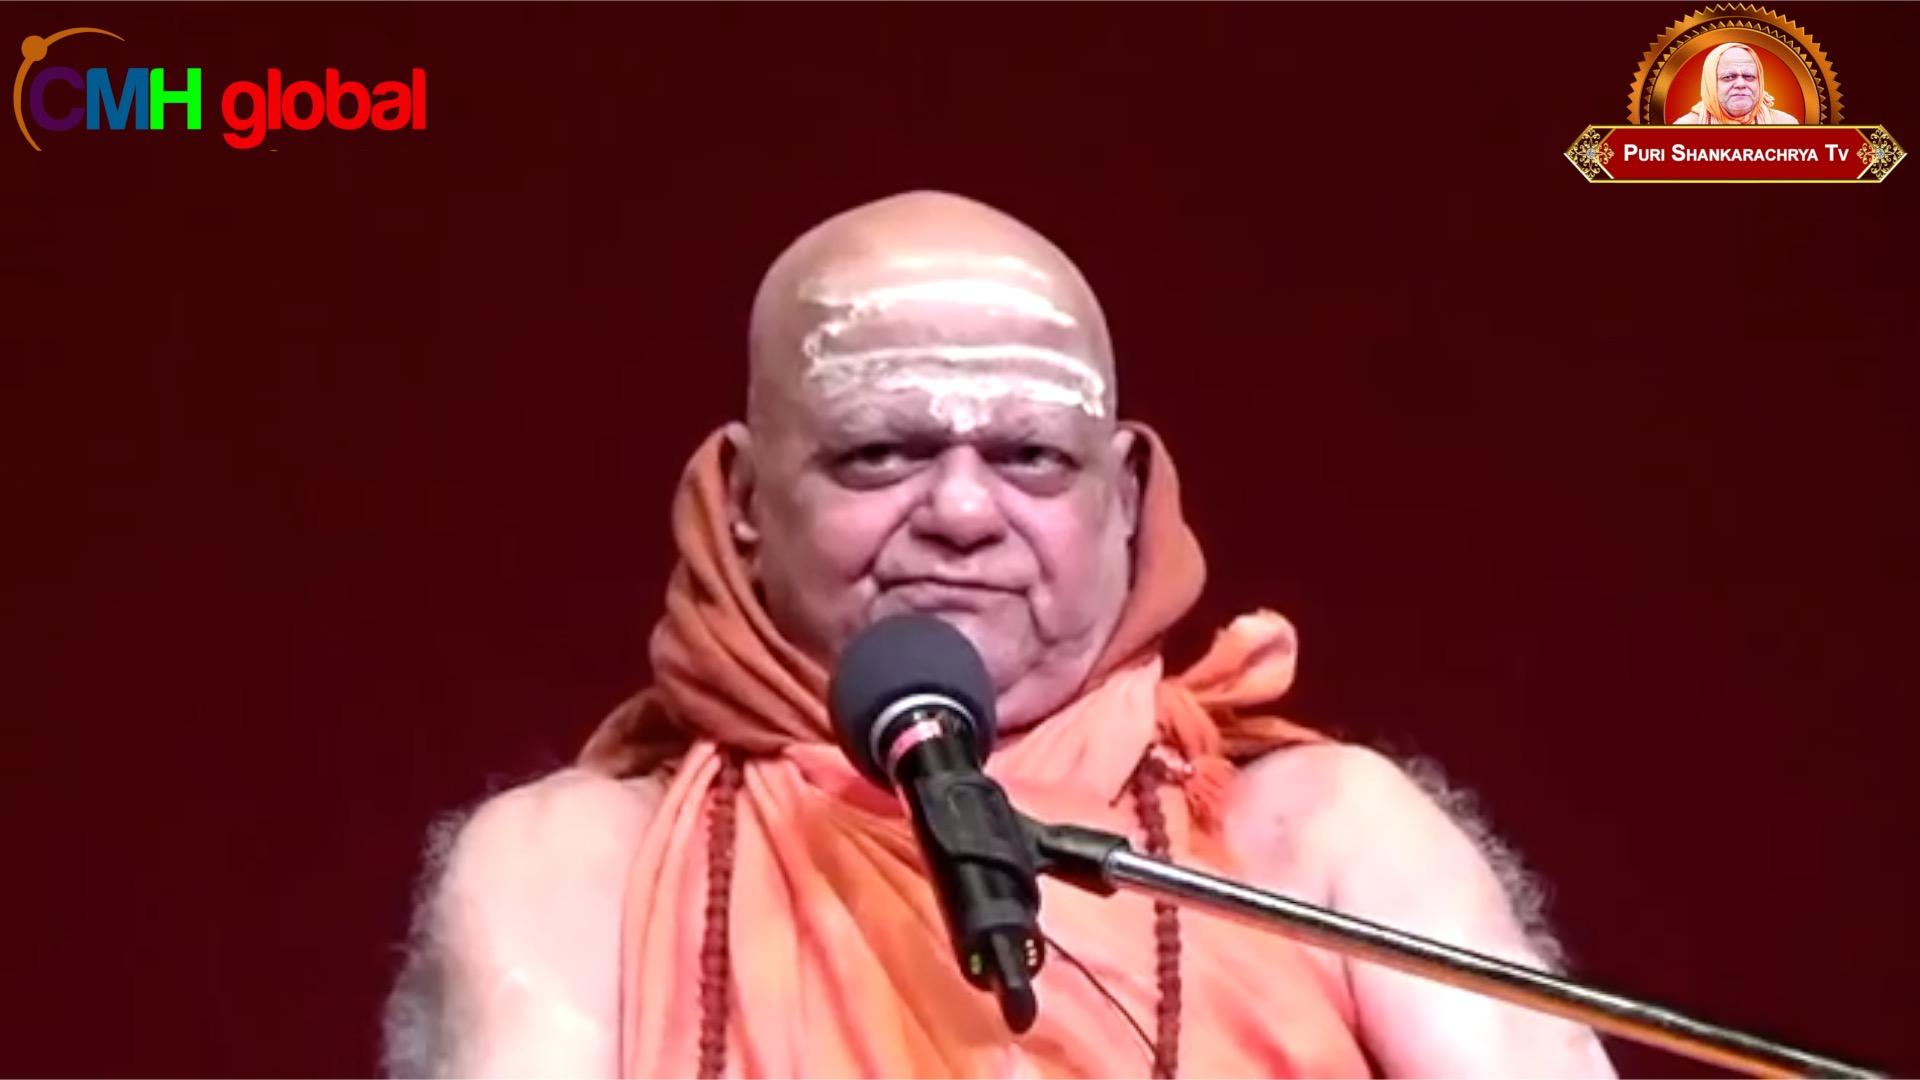 Gyan Dhara Ep -24 by Puri Shankaracharya Swami Nishchalananda Saraswati Ji